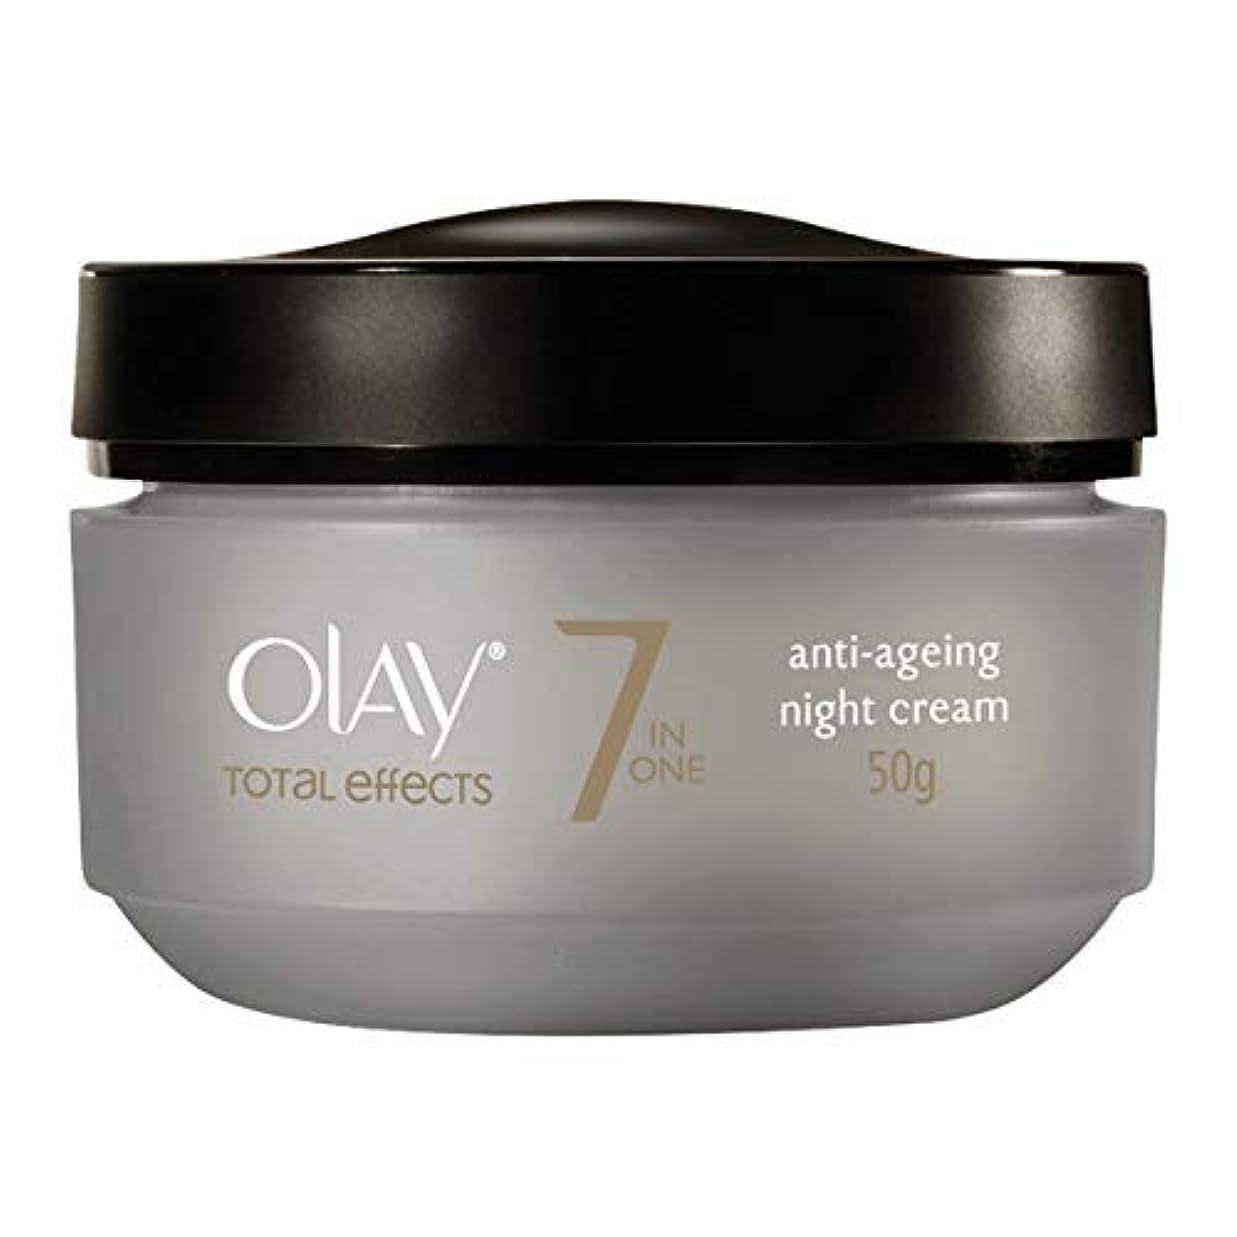 悲しいことにチーフ余韻オレイ Total Effects 7 In 1 Anti-Ageing Night Cream 50ml/1.7oz並行輸入品